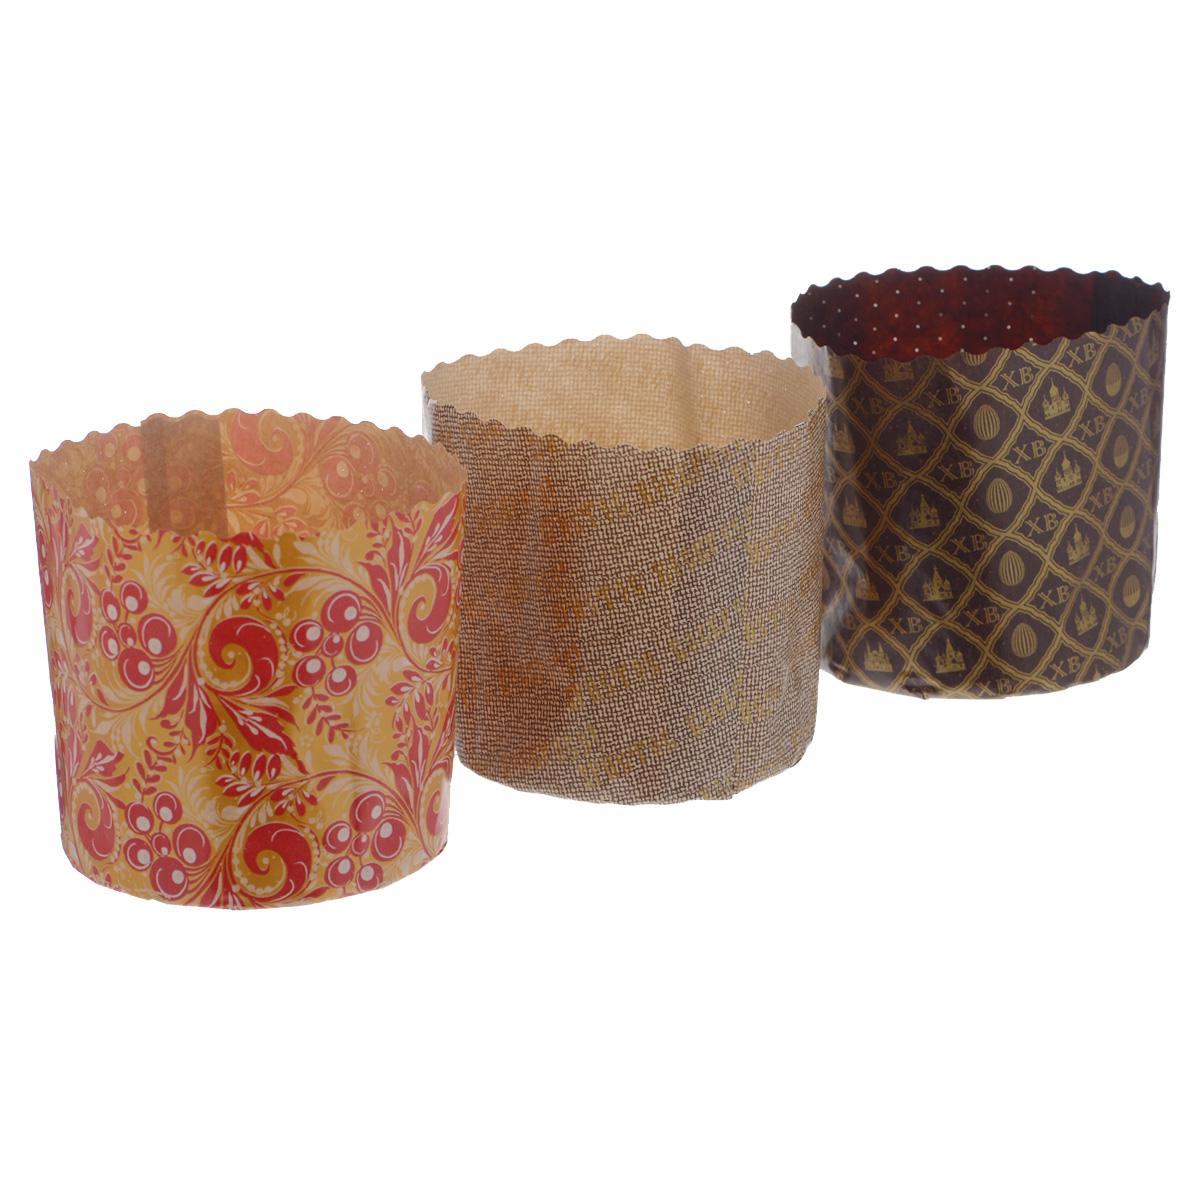 Набор форм для выпечки куличей Marmiton Пасхальный, 0,5 л, 3 шт11350Формы Marmiton изготовлены из пищевого пергамента и используются для выпечки куличей при температуре до 220°С, не требуют смазки. Изделия декорированы яркими орнаментами. В наборе - 3 формы.